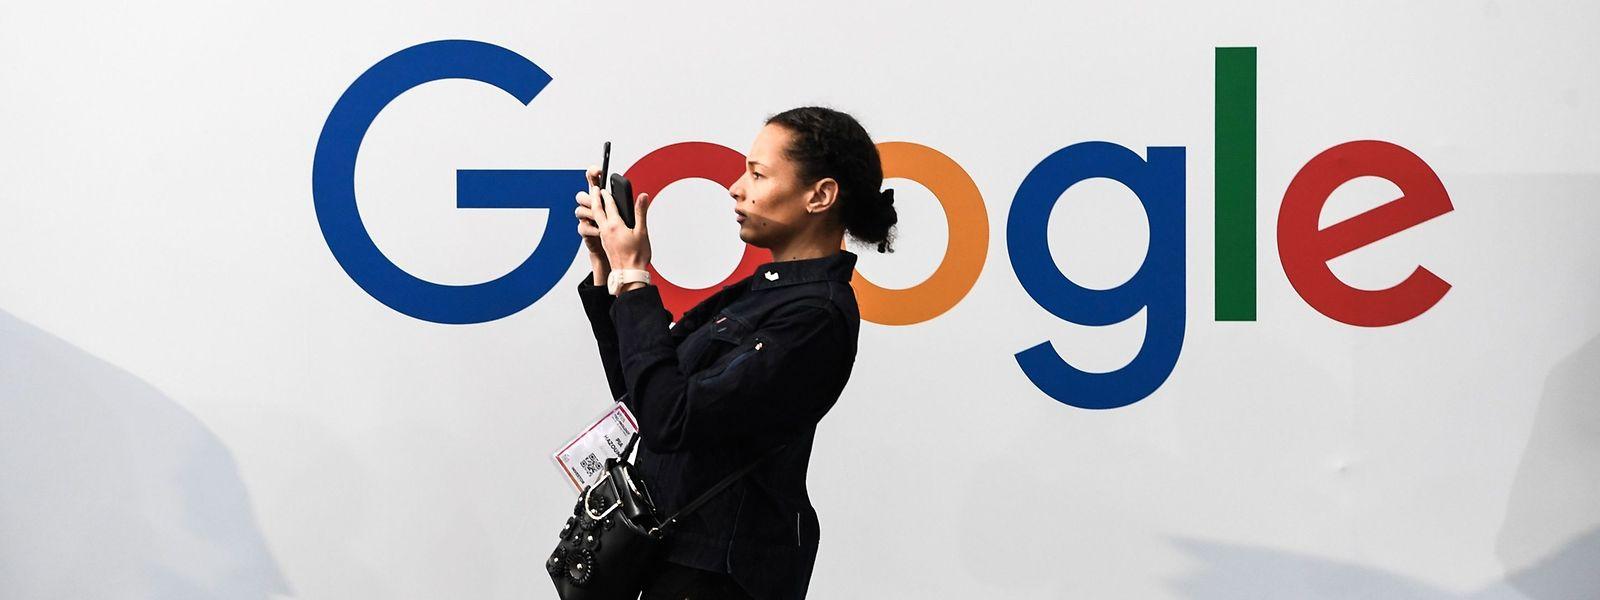 Moins de deux semaines après des plaintes déposées par des chercheurs, notamment luxembourgeois, Google se retrouve une fois encore sur le banc des accusés.